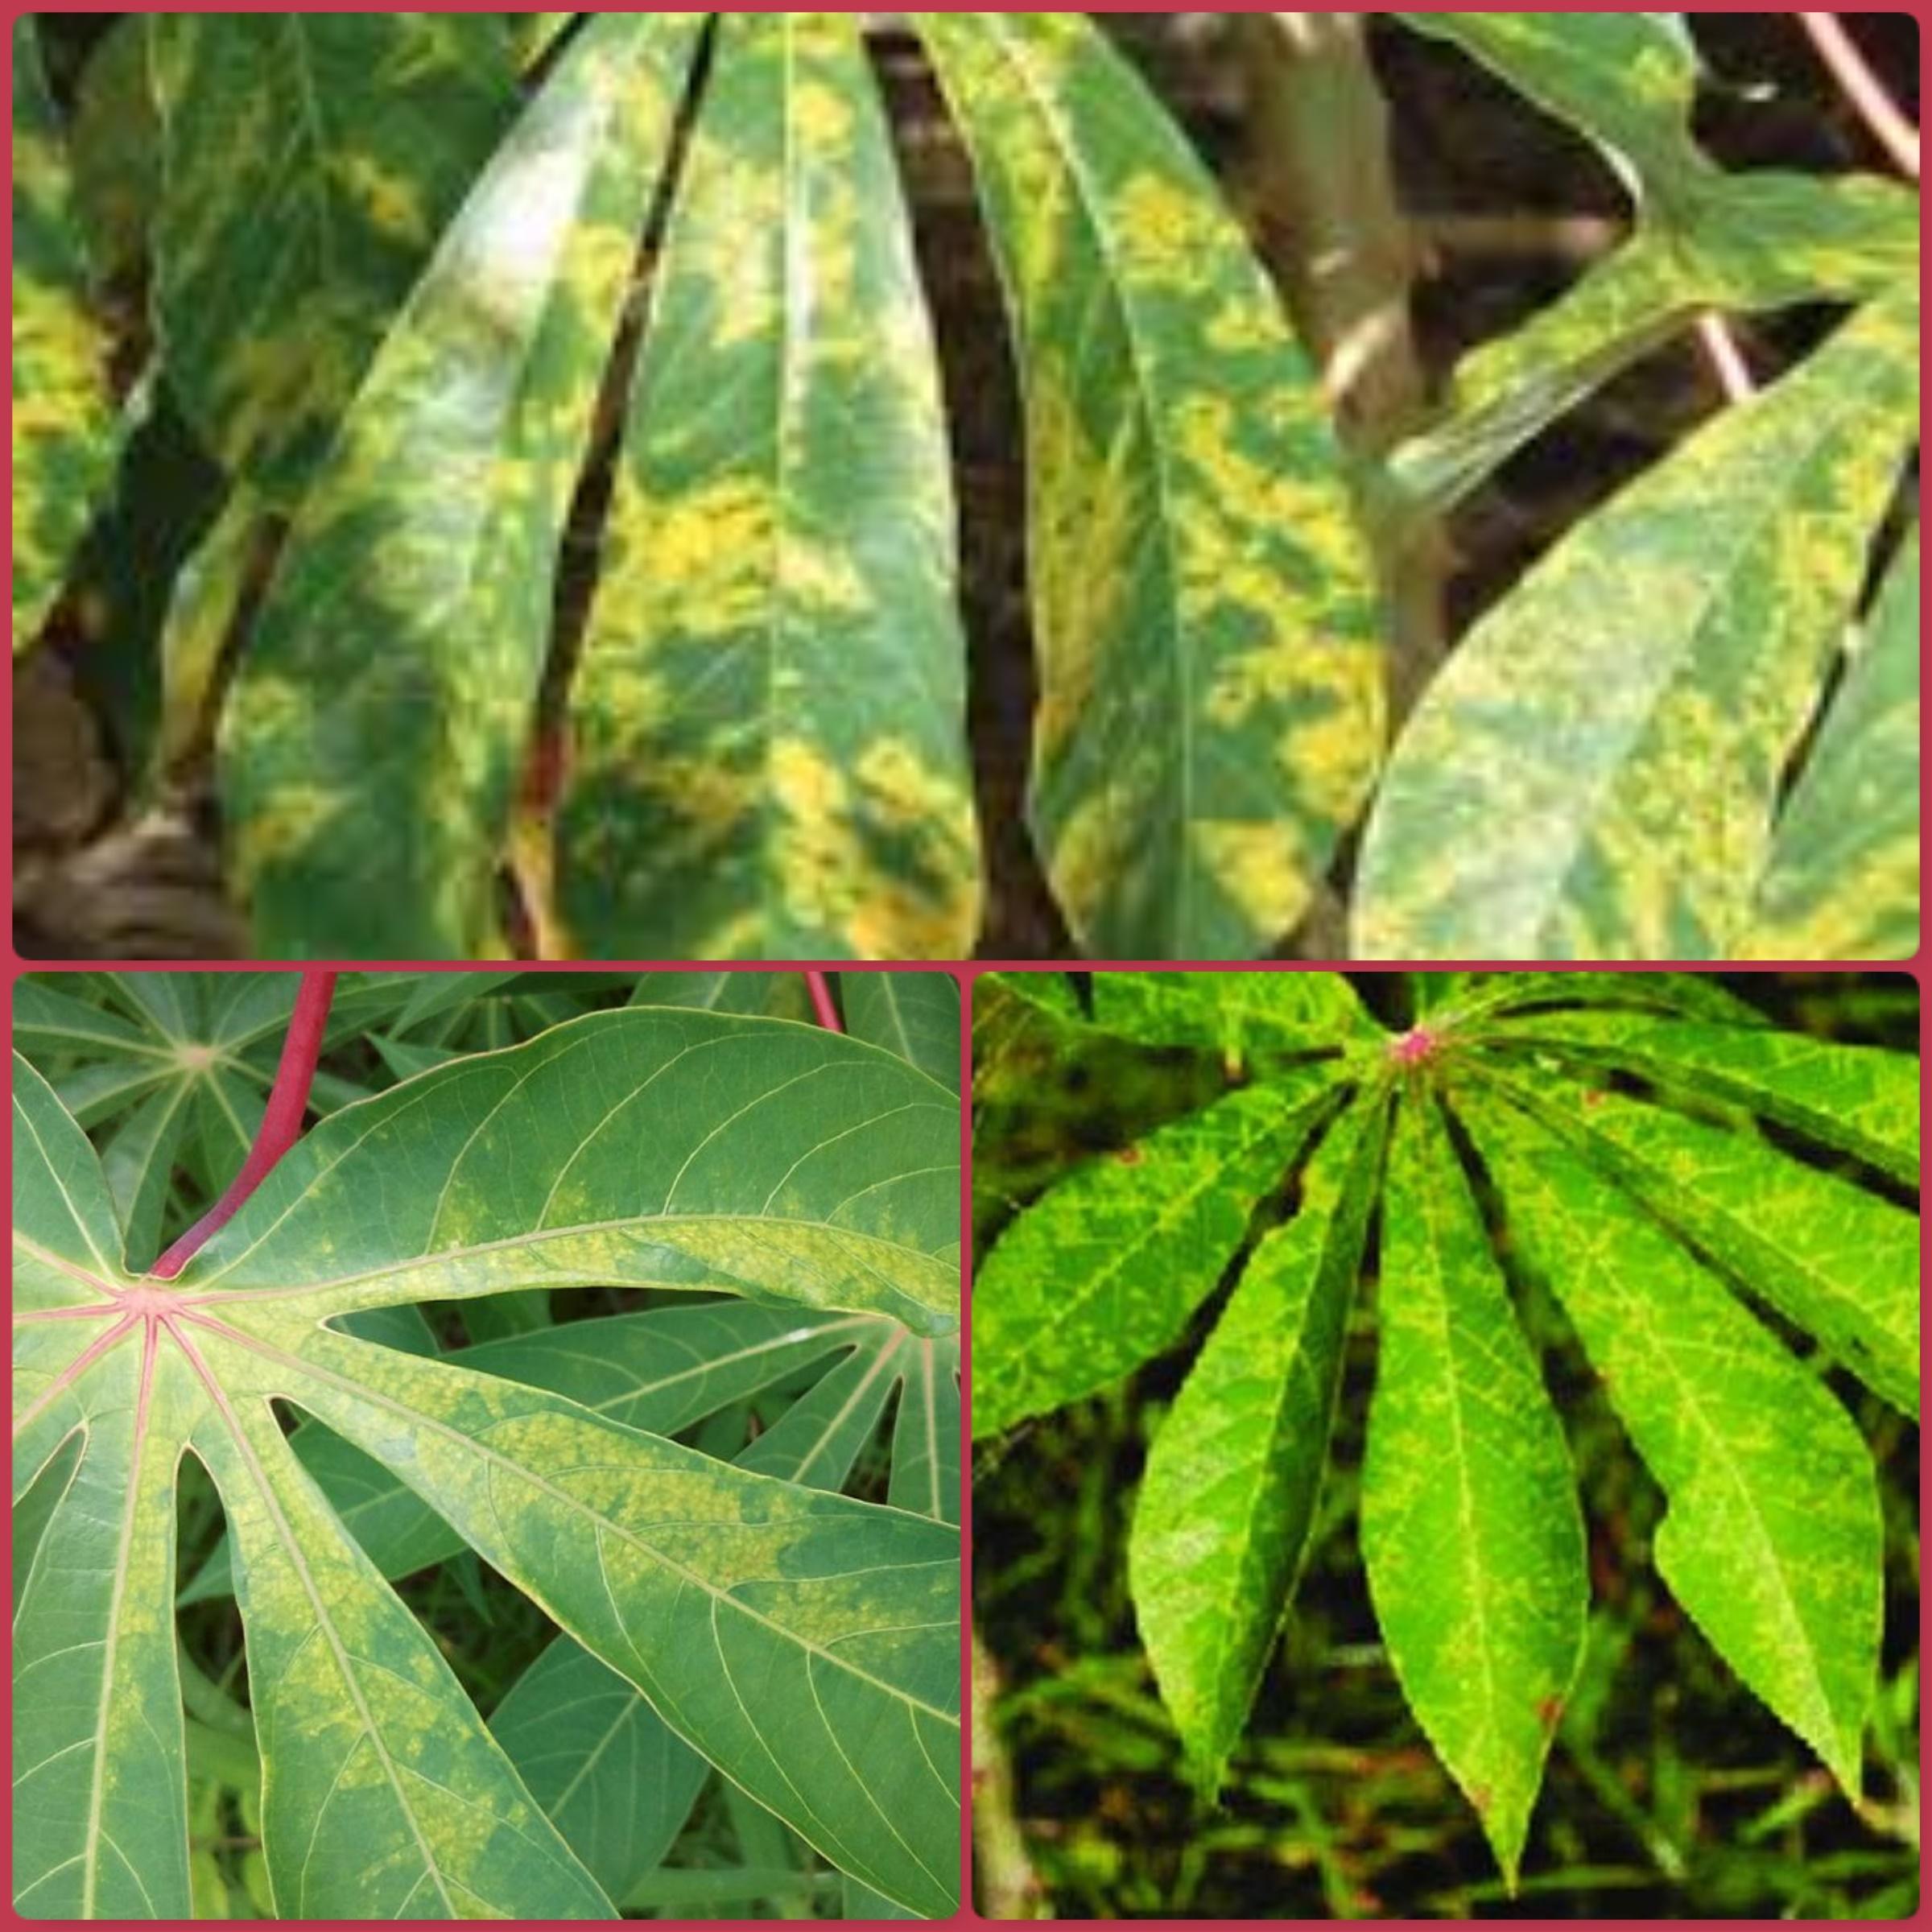 Le virus de la striure brune du manioc, un handicap pour la filière Manihot esculenta en Afrique